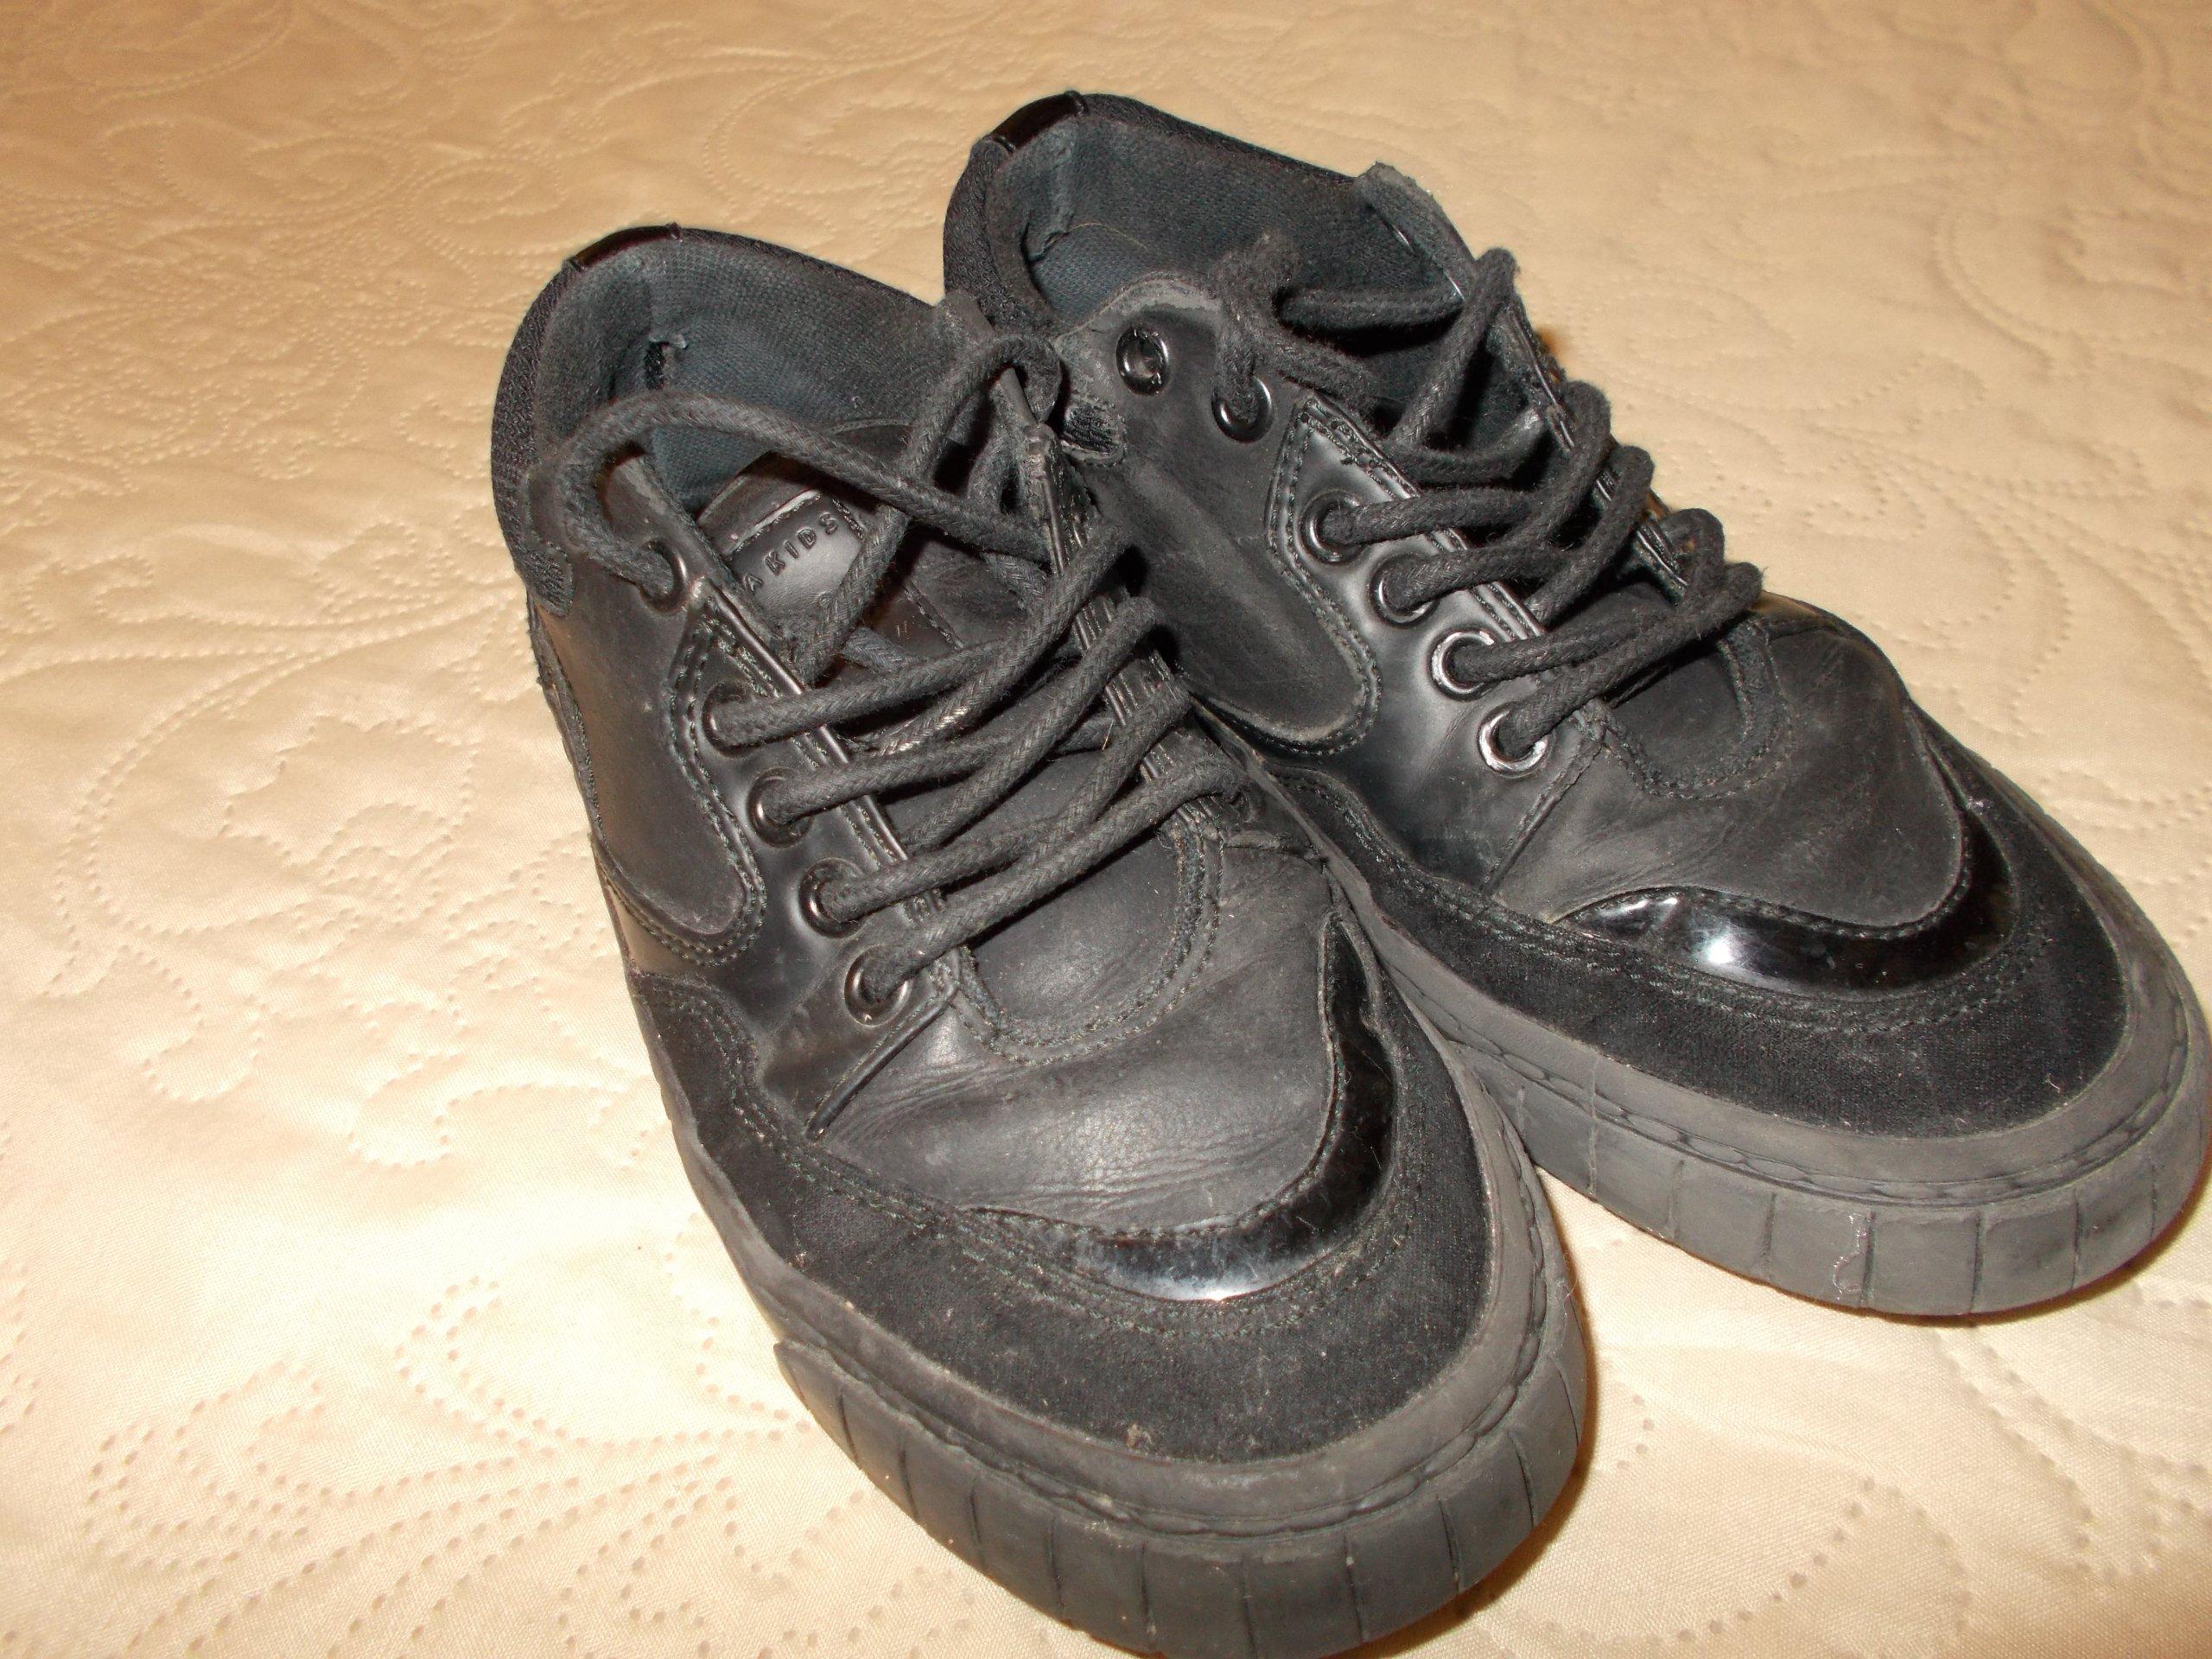 9be4bc6d ZARA buty czarne dla chłopca roz.31 - 7274475010 - oficjalne ...